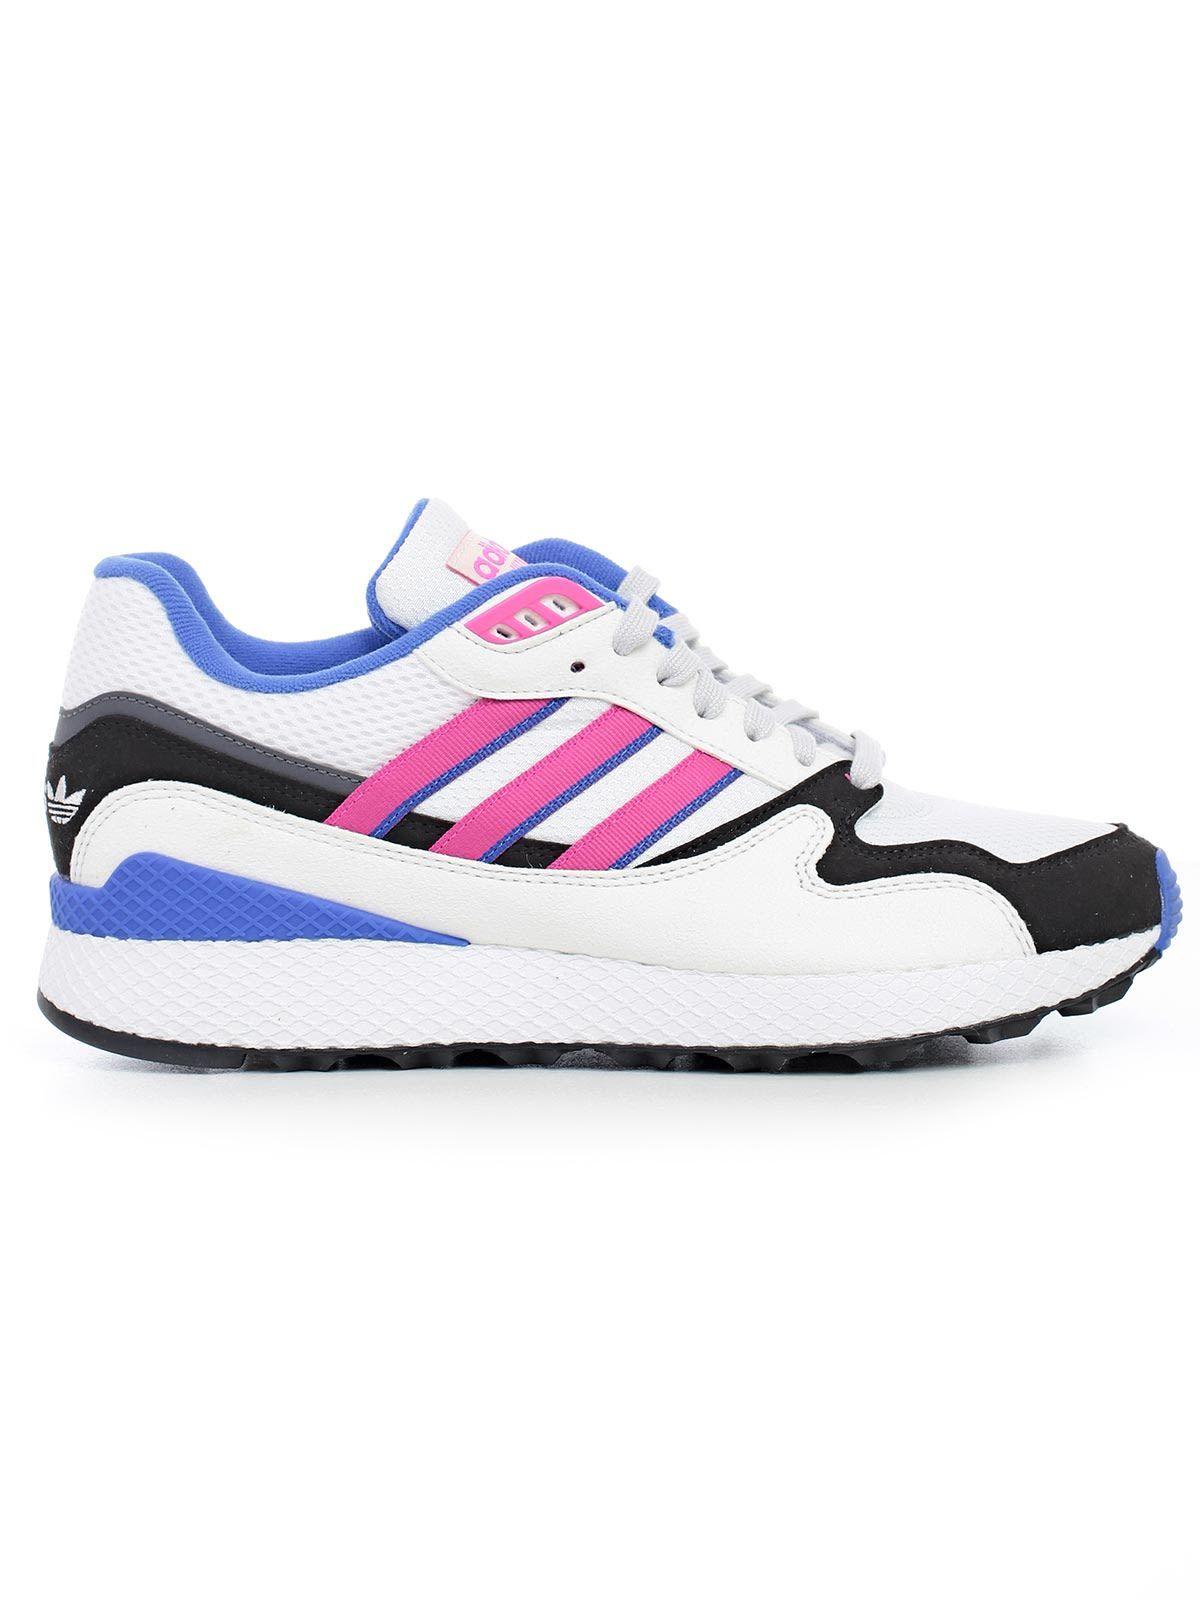 cheap for discount c136d 77430 ADIDAS ORIGINALS SNEAKERS.  adidasoriginals  shoes